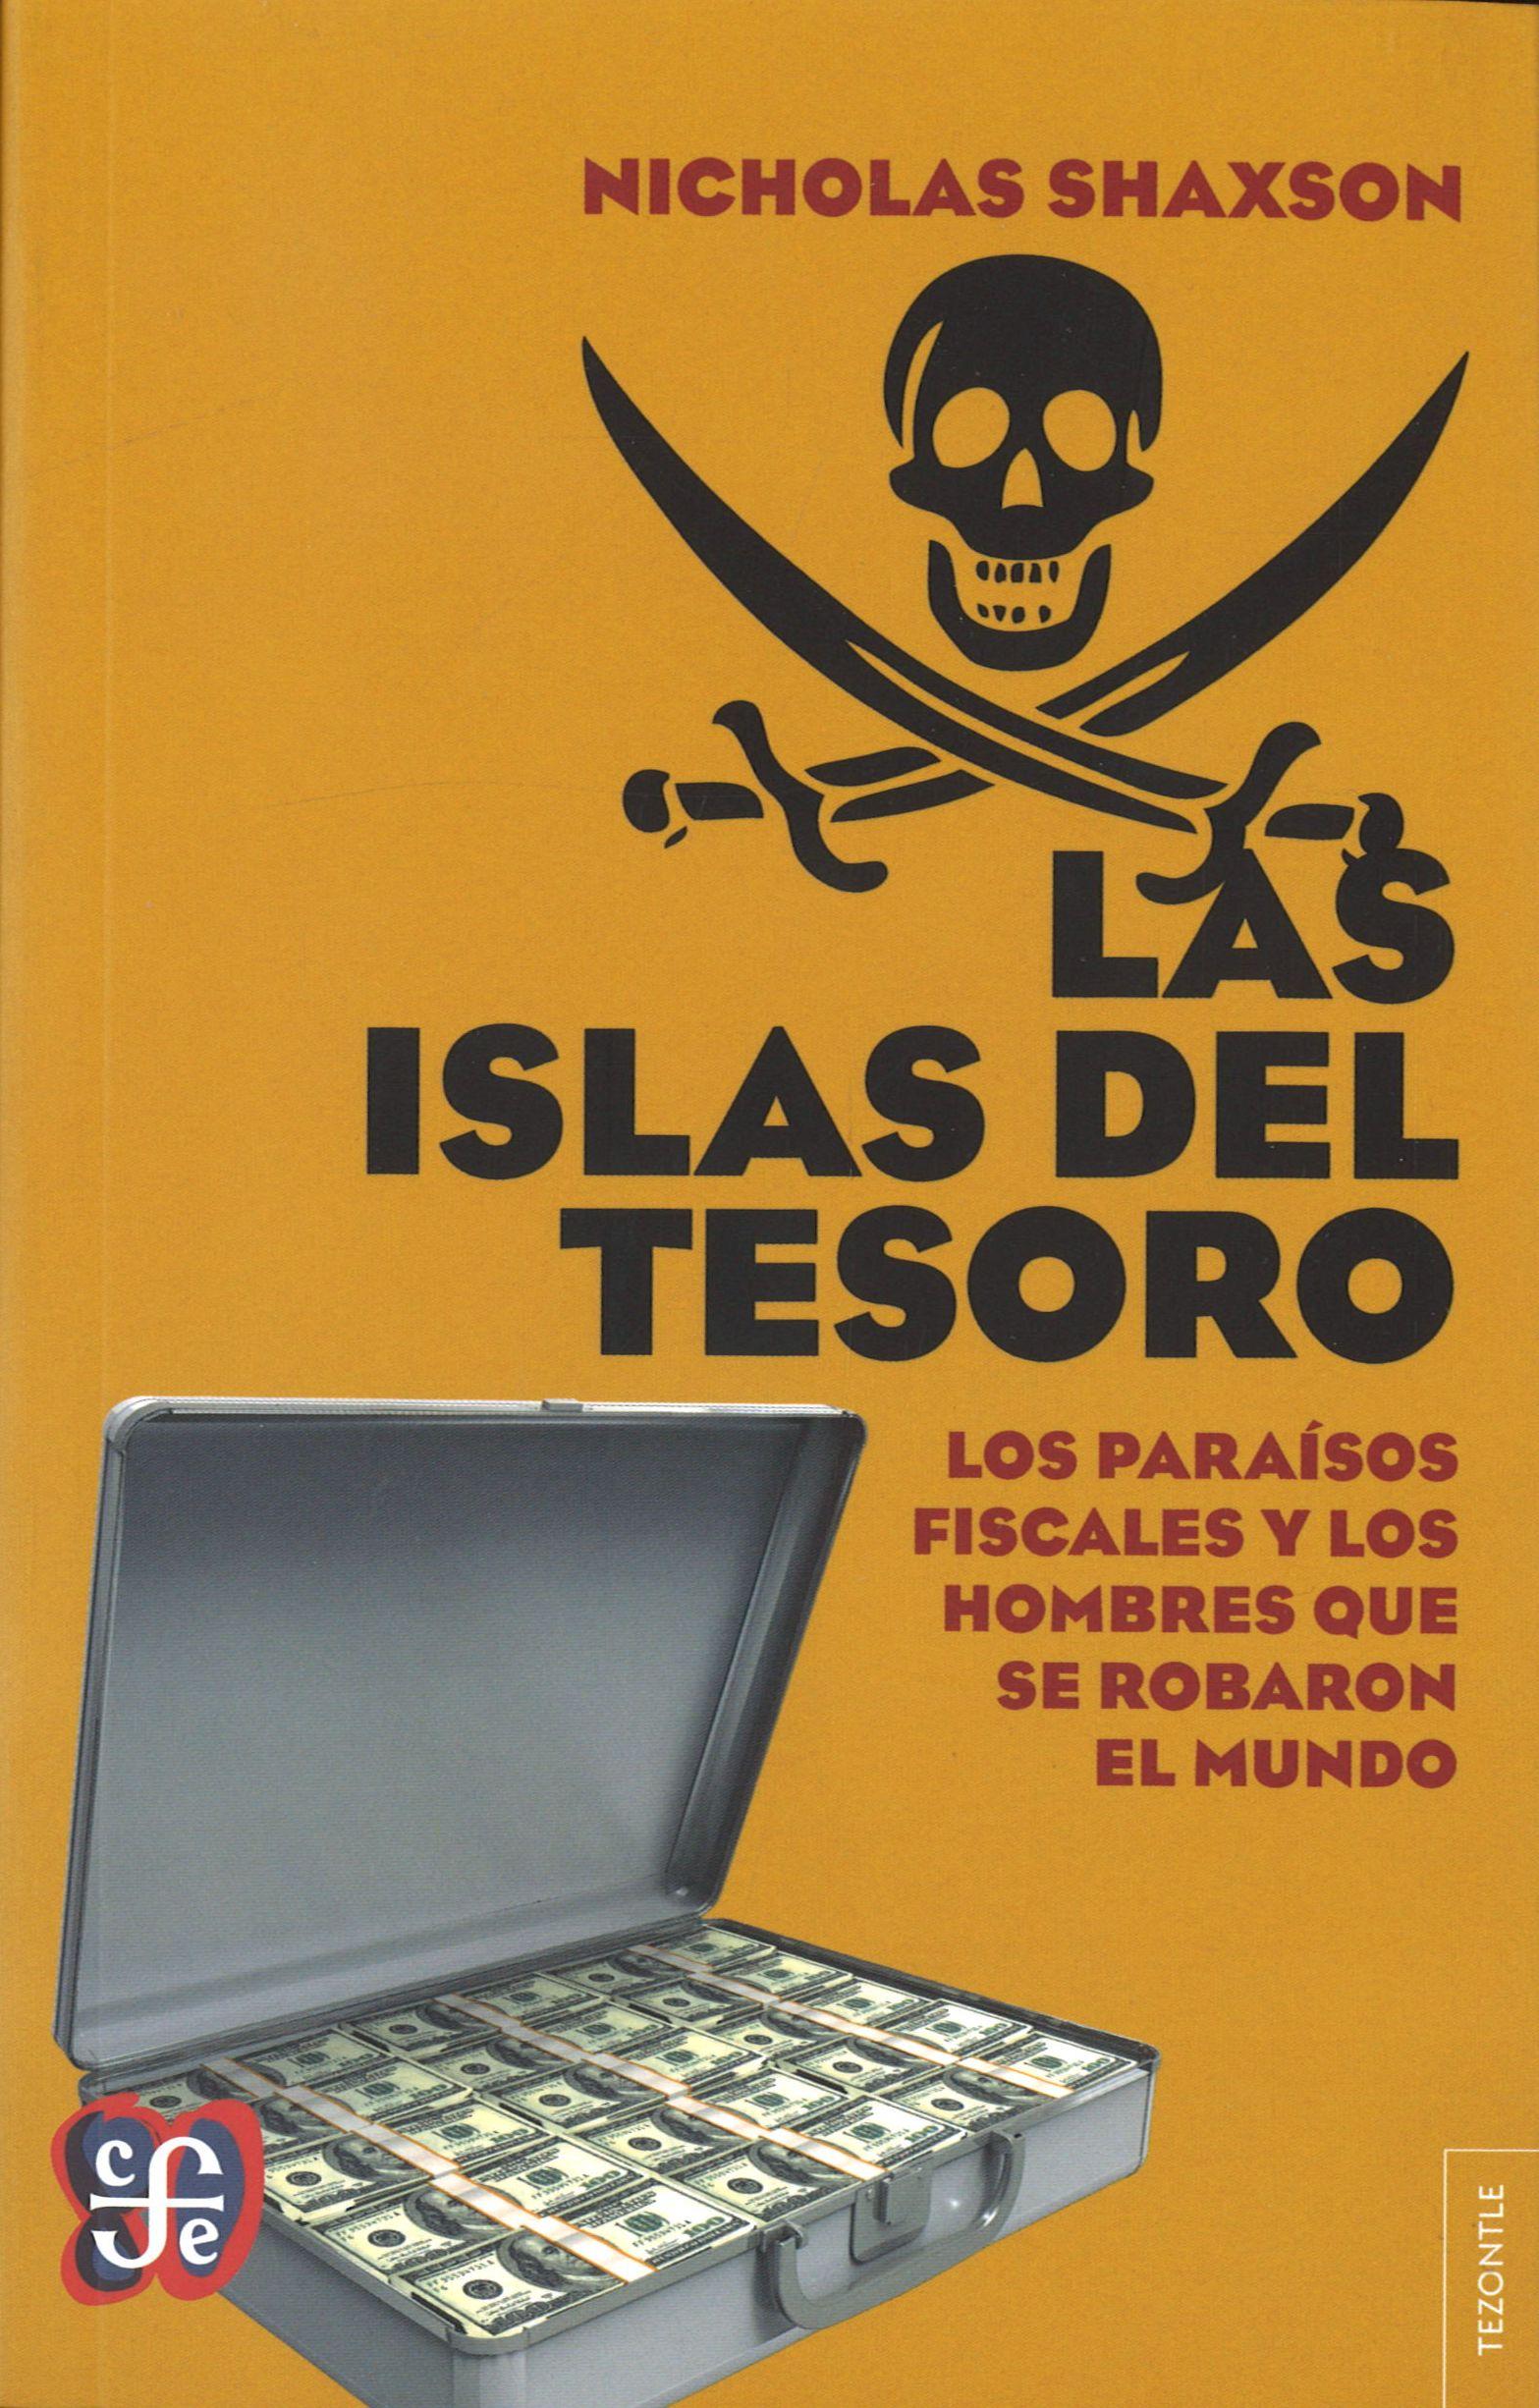 'Las islas del tesoro', Nicholas Shaxson (Tezontle, 2014)